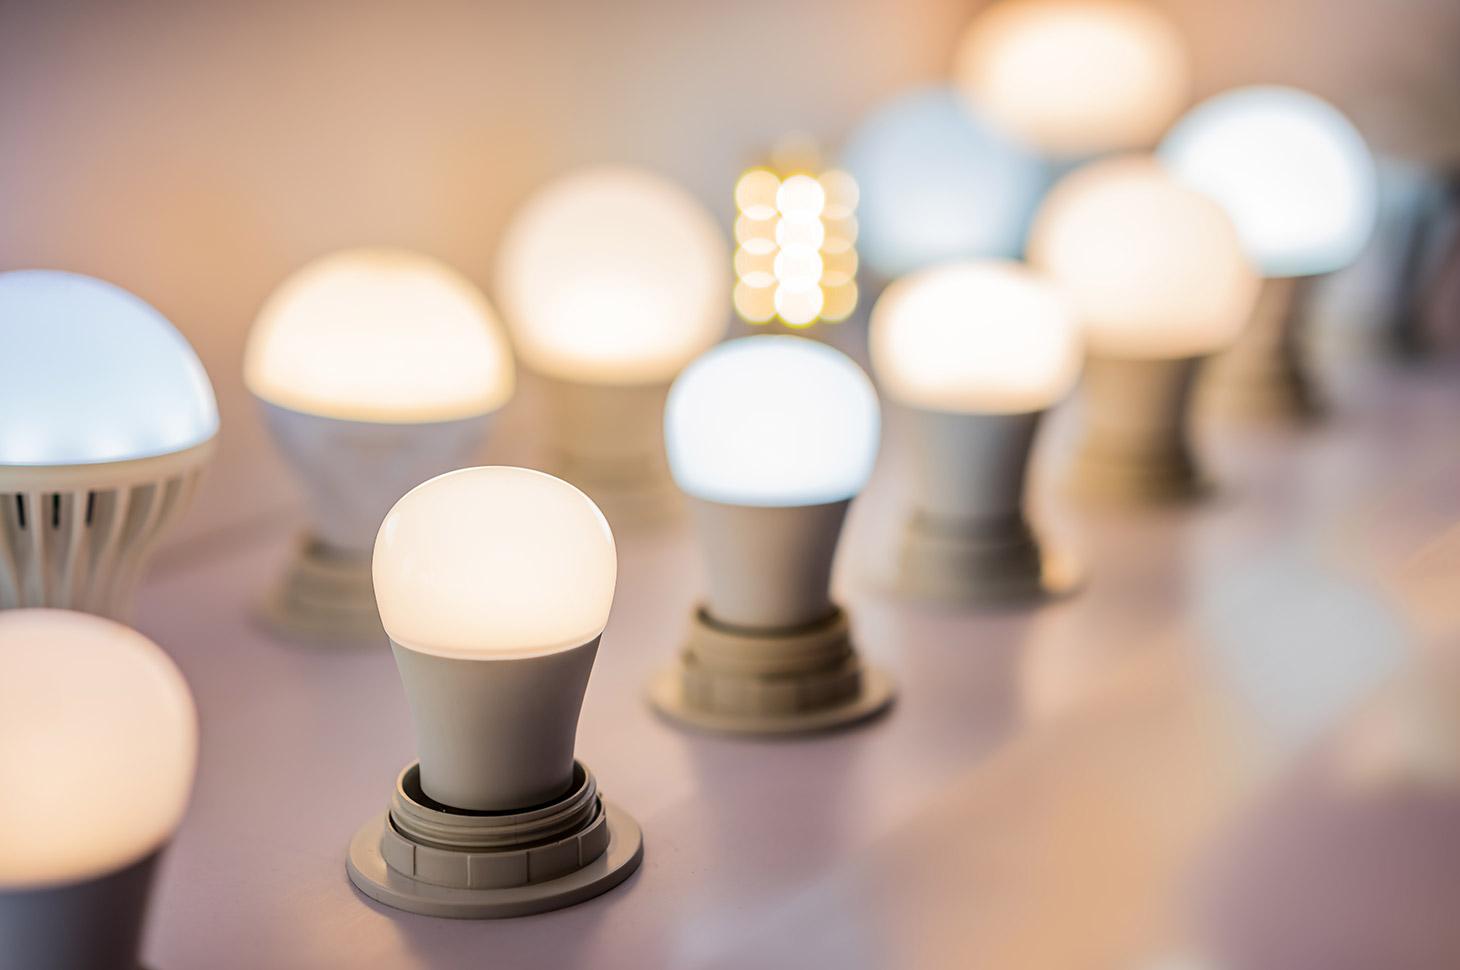 適切な照明は、快適な環境を作る効果的な手段の一つ